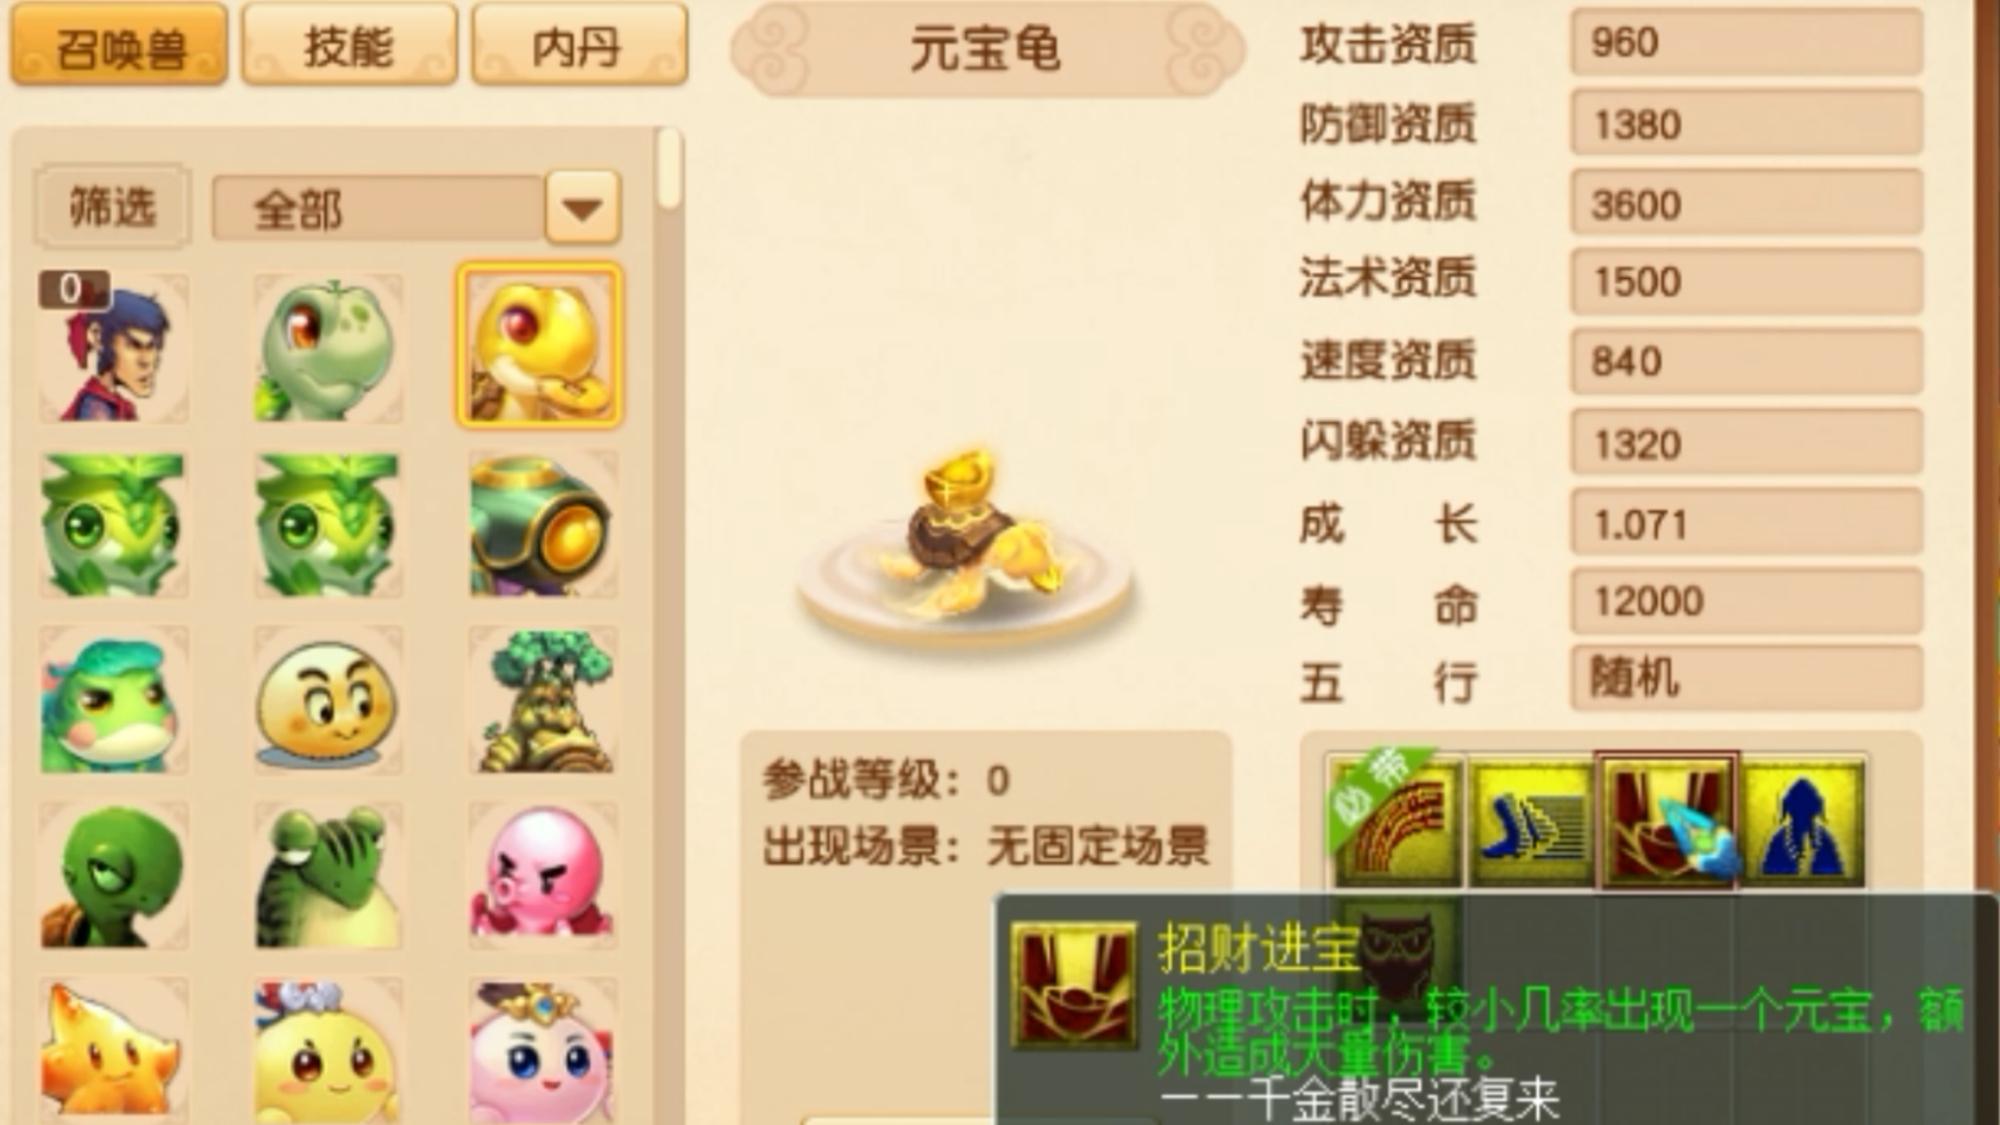 梦幻西游:新资料片《东海秘境》测试区放出,大量低等级新召唤兽